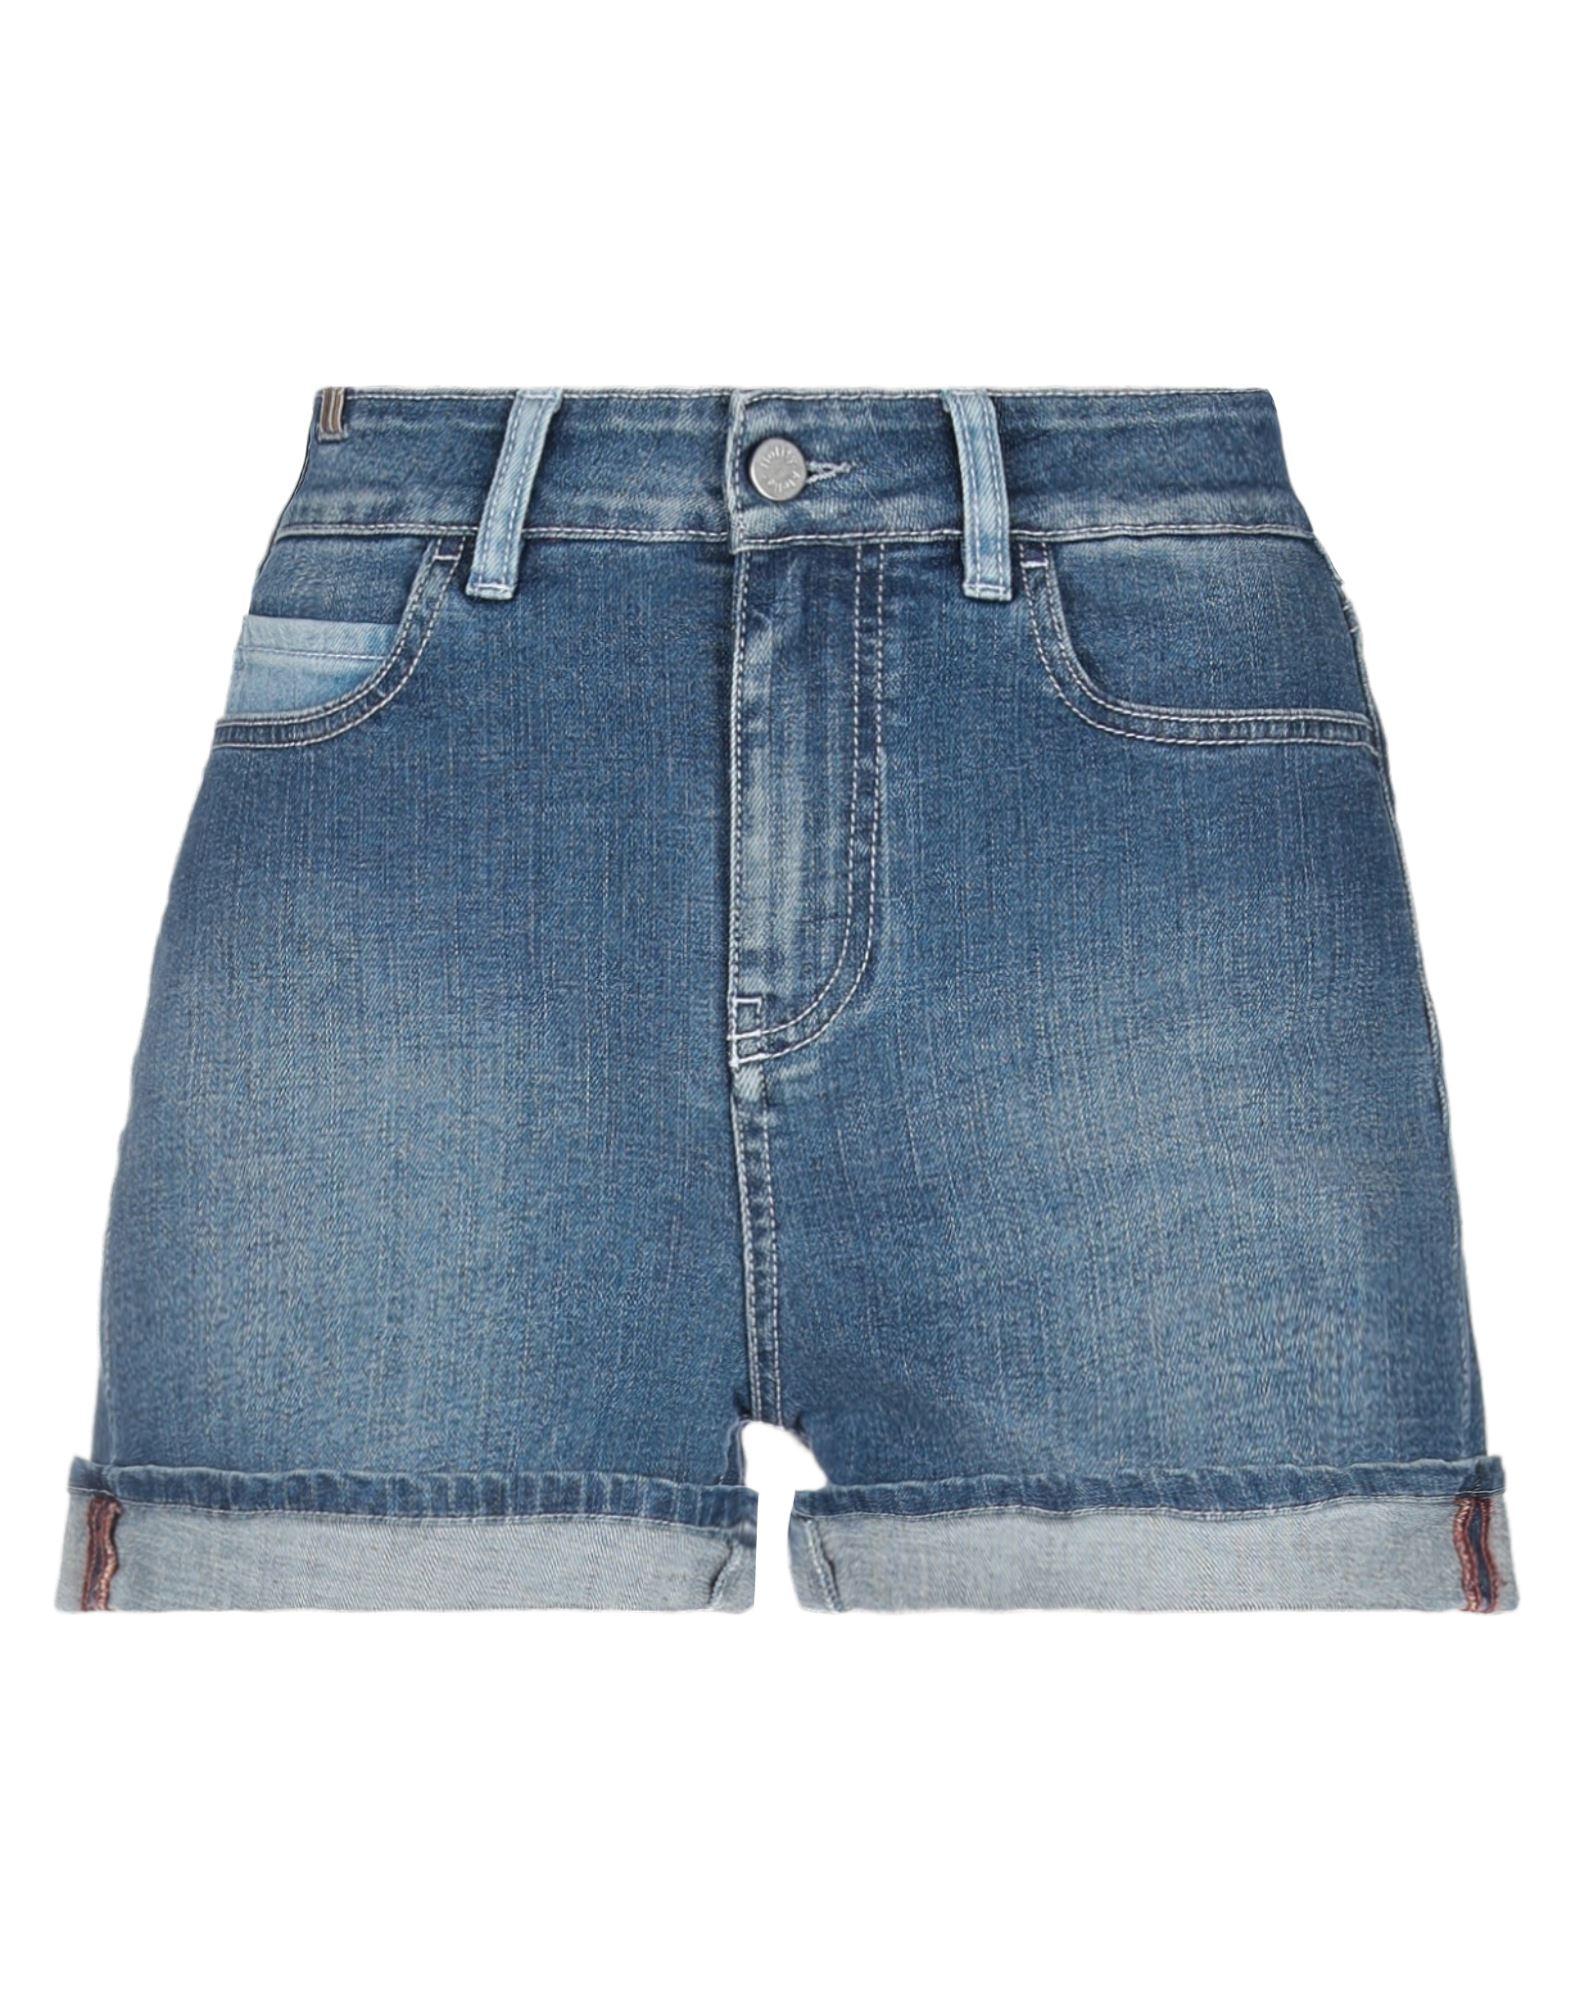 Фото - ATELIER NOTIFY Джинсовые шорты please джинсовые шорты